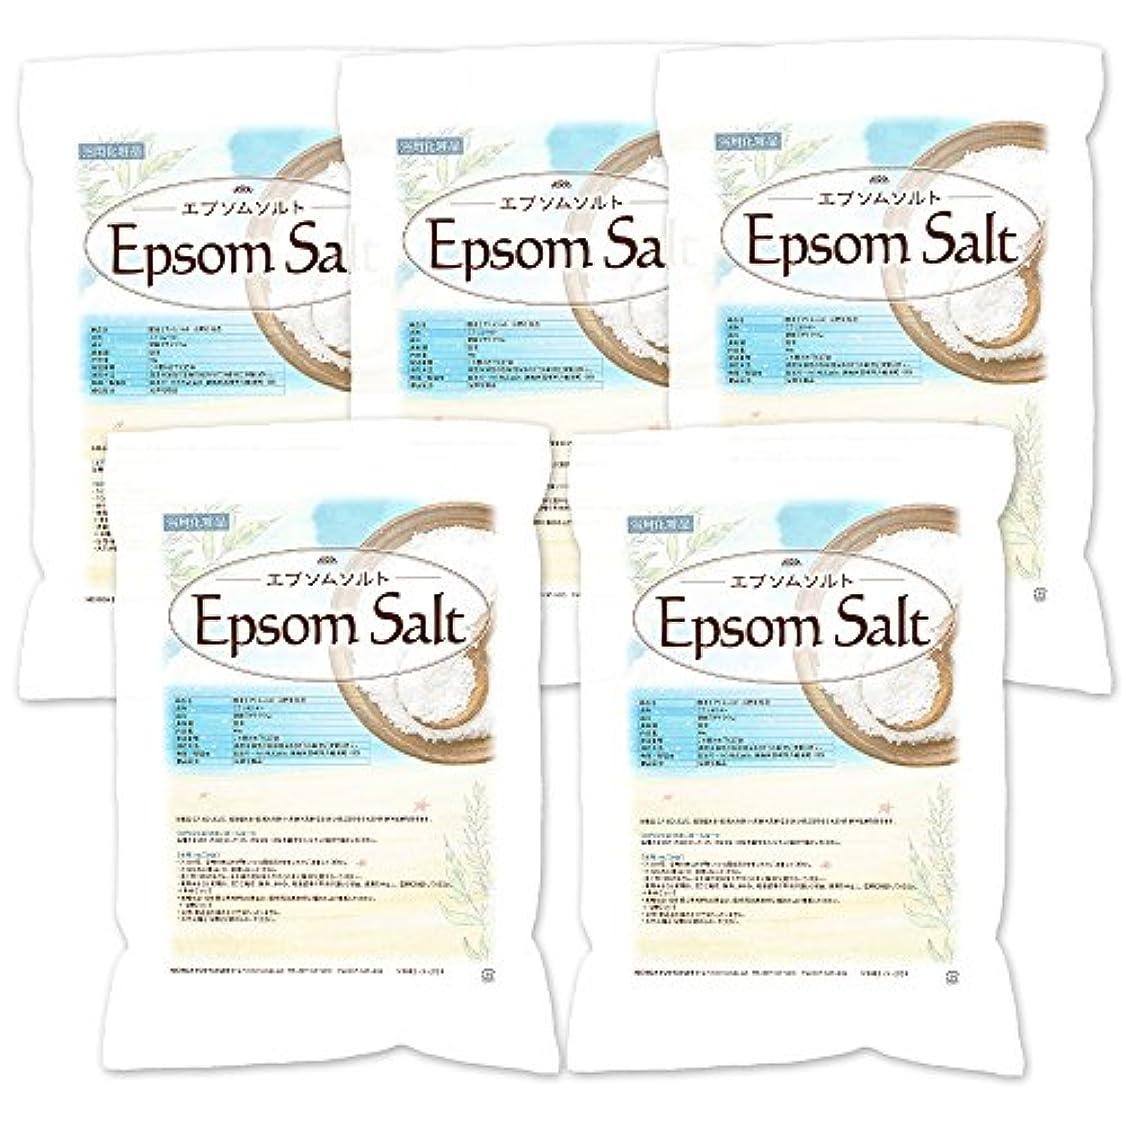 かかわらず溢れんばかりの出発するエプソムソルト5kg×5袋(Epsom Salt)浴用化粧品 [02] 【同梱不可】国産原料 NICHIGA(ニチガ)